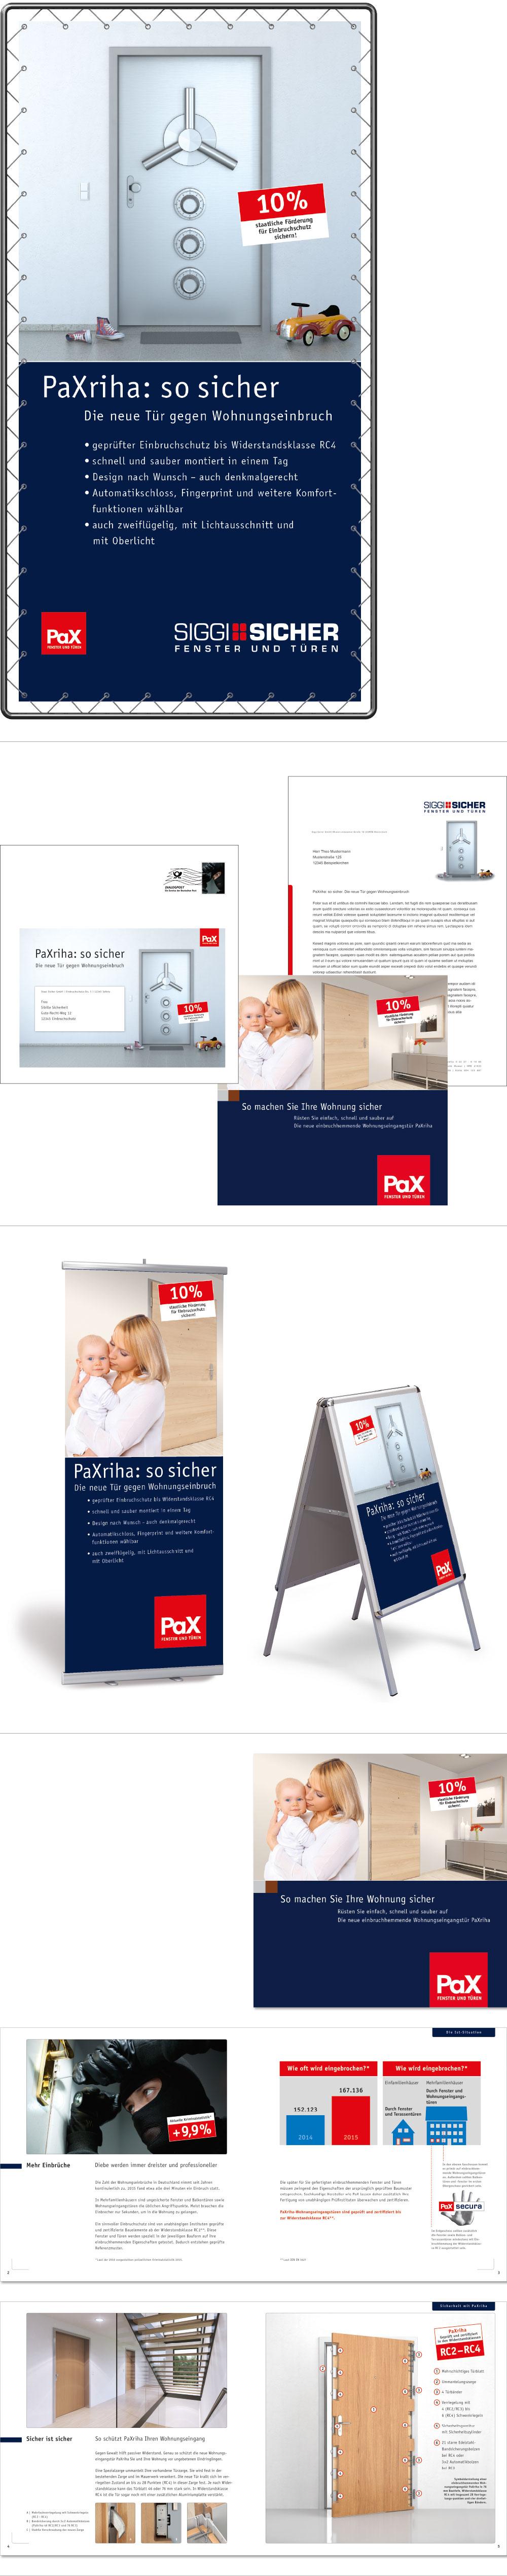 PaXriha Produkteinführung